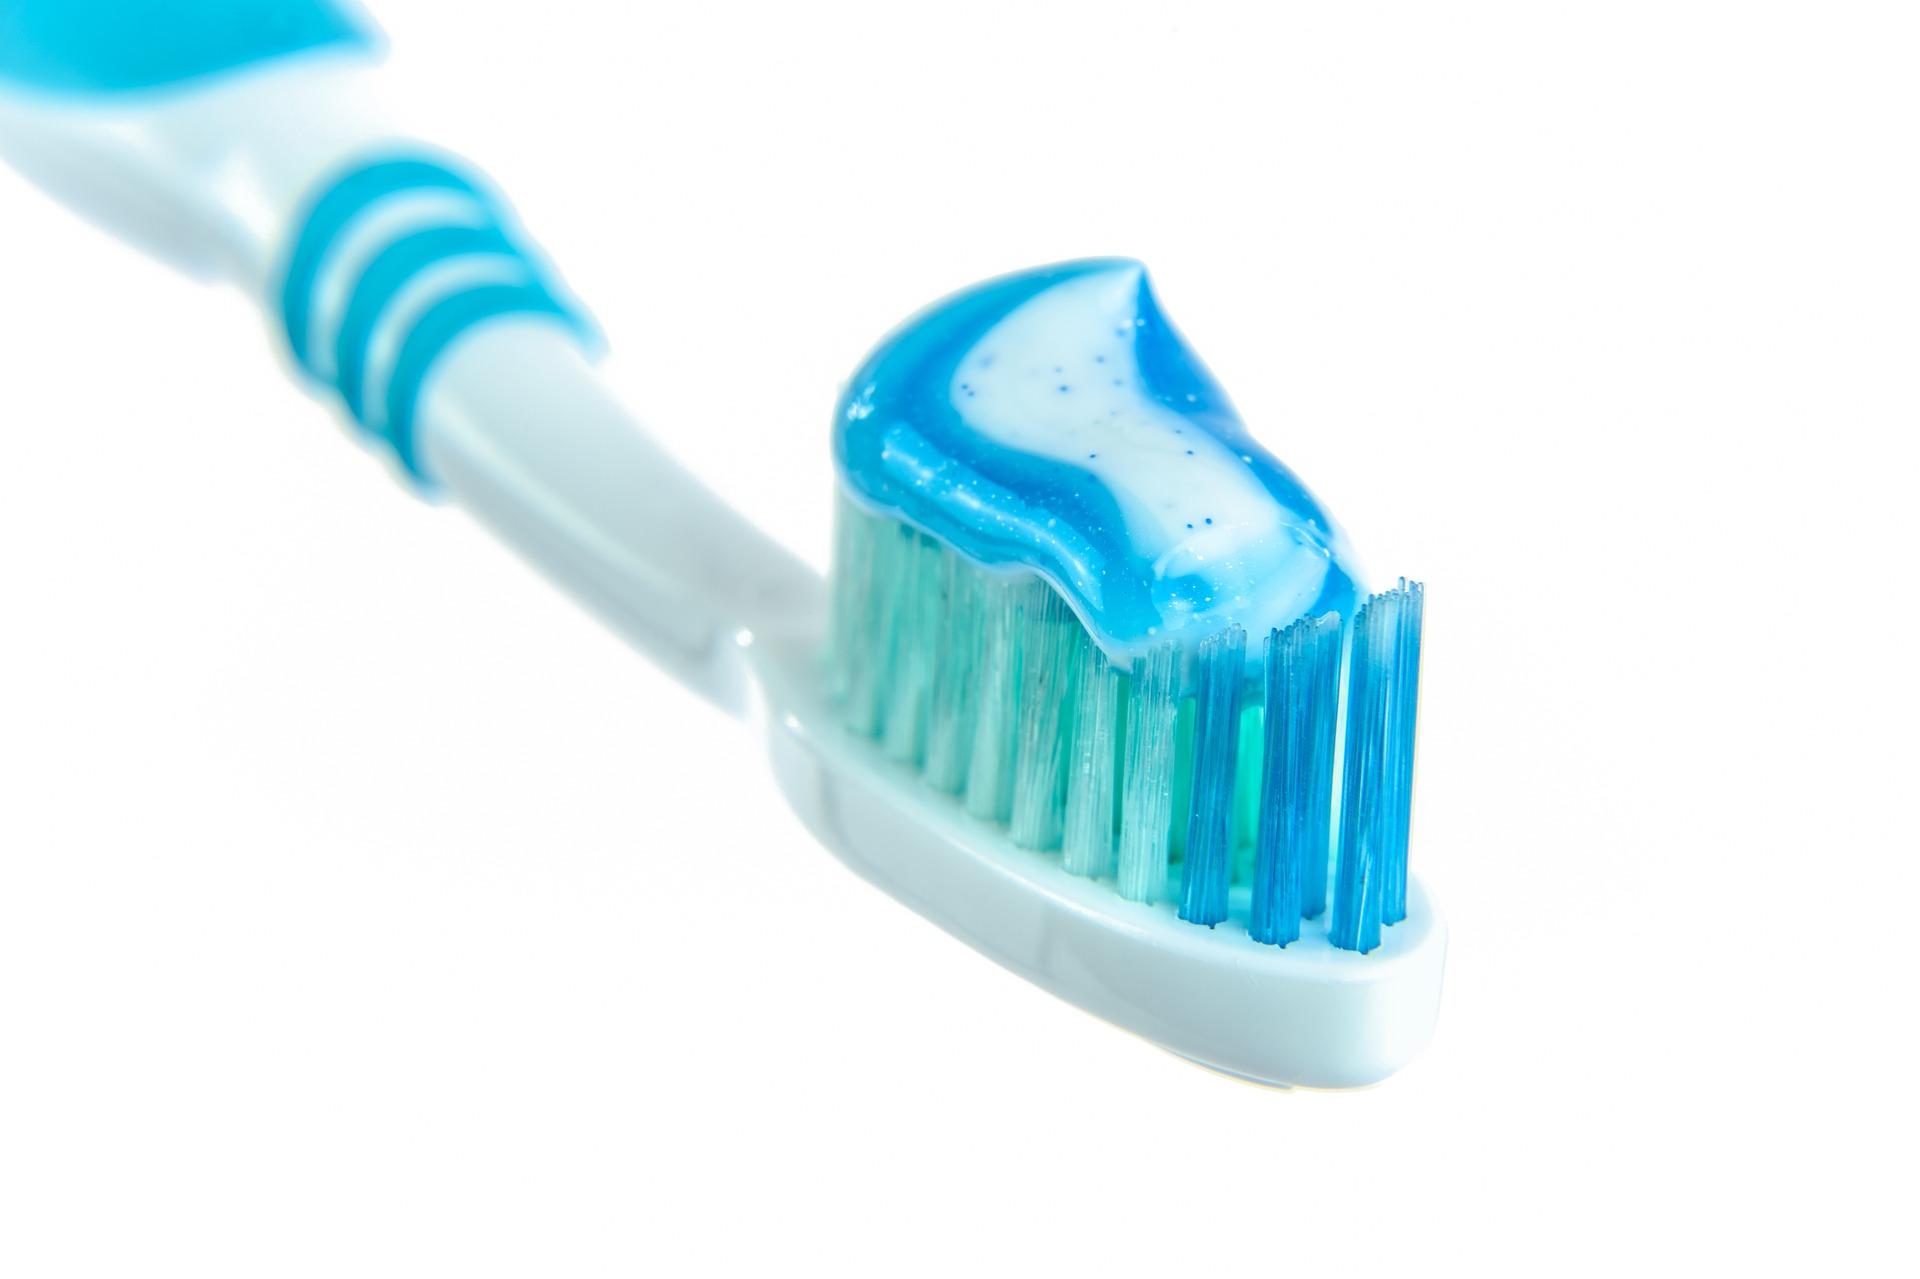 zdjęcie szczotki i pasty do zębów